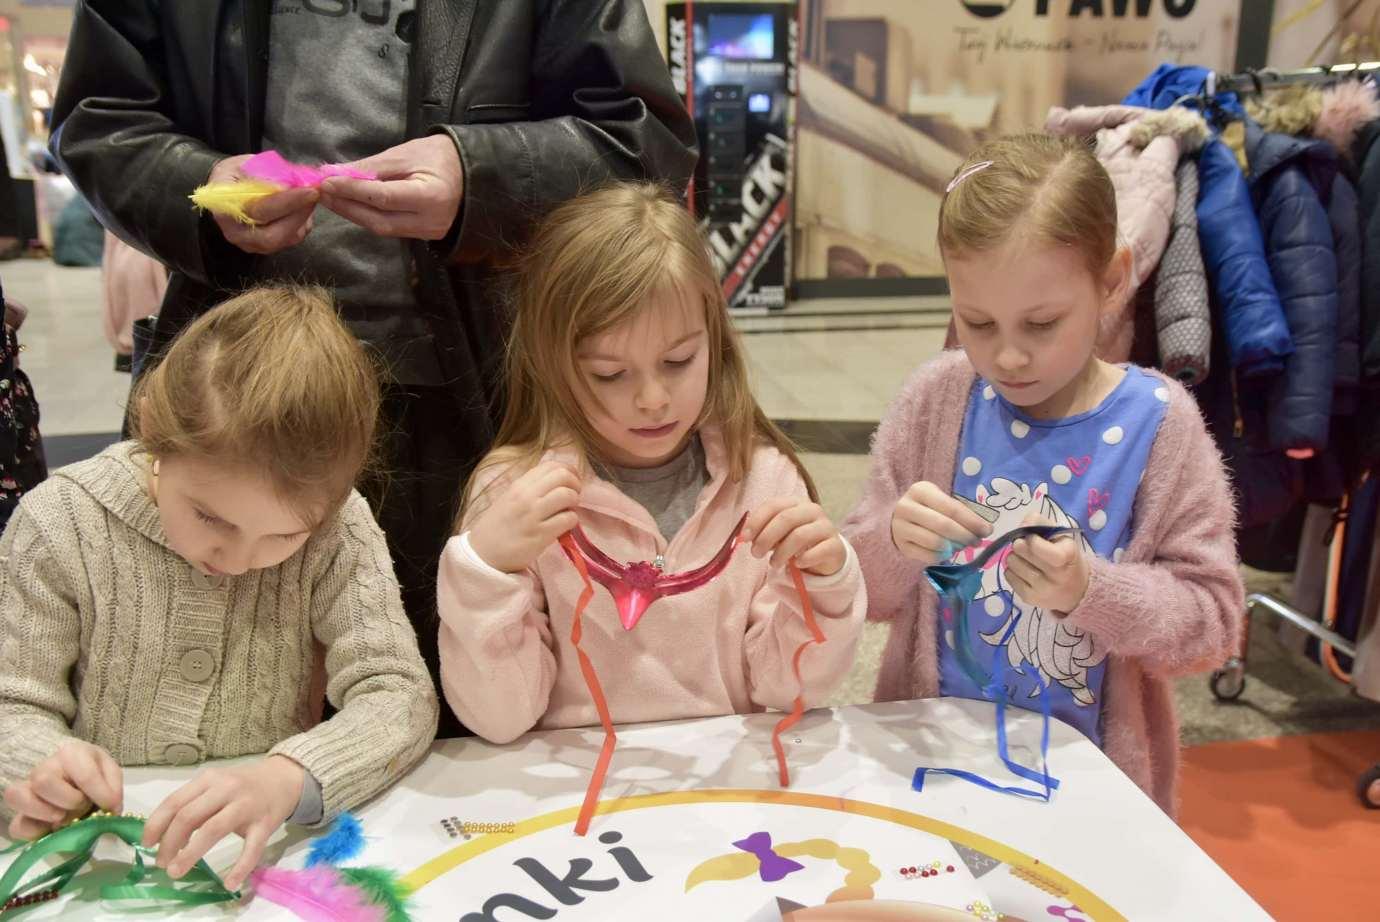 dsc 3936 Zabawa kreatywnych dzieciaków w Galerii Handlowej Twierdza (filmy i zdjęcia)